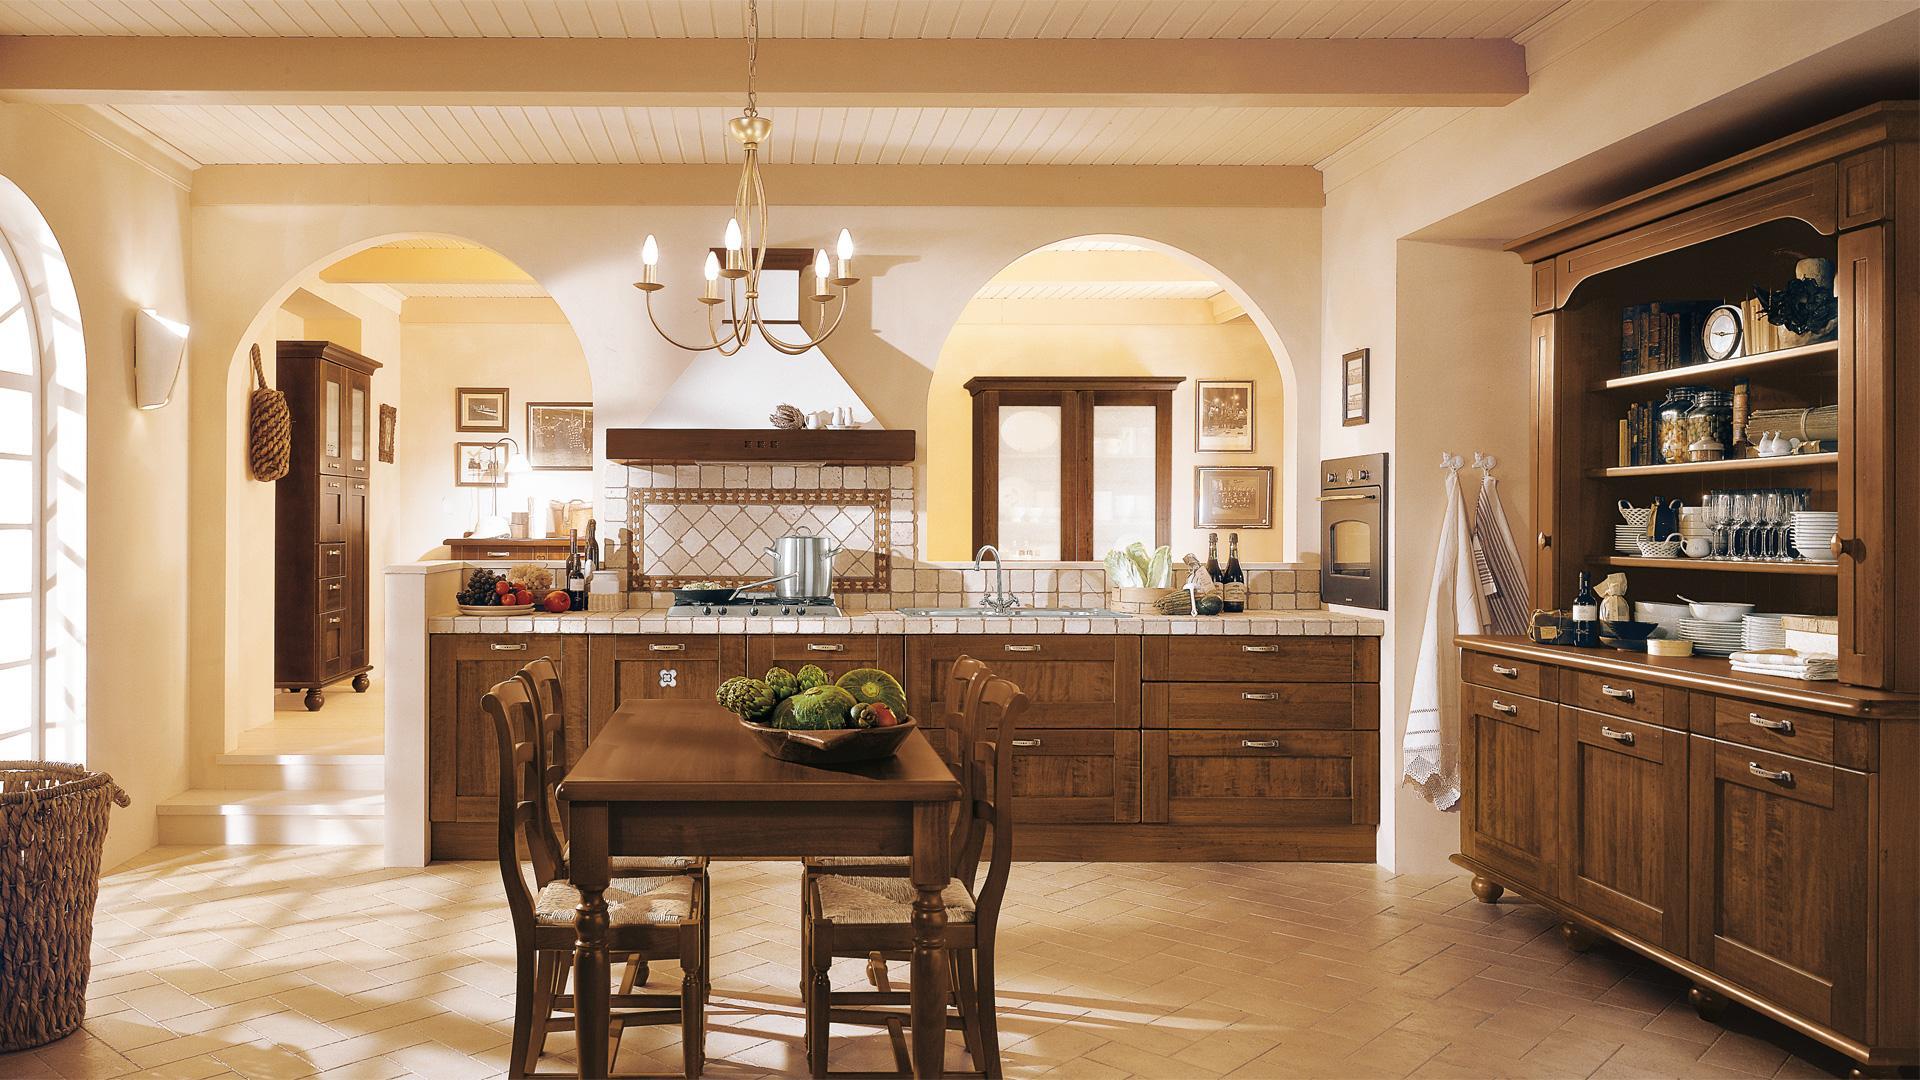 Cucine centro cucina - Mondo convenienza cucine rustiche ...